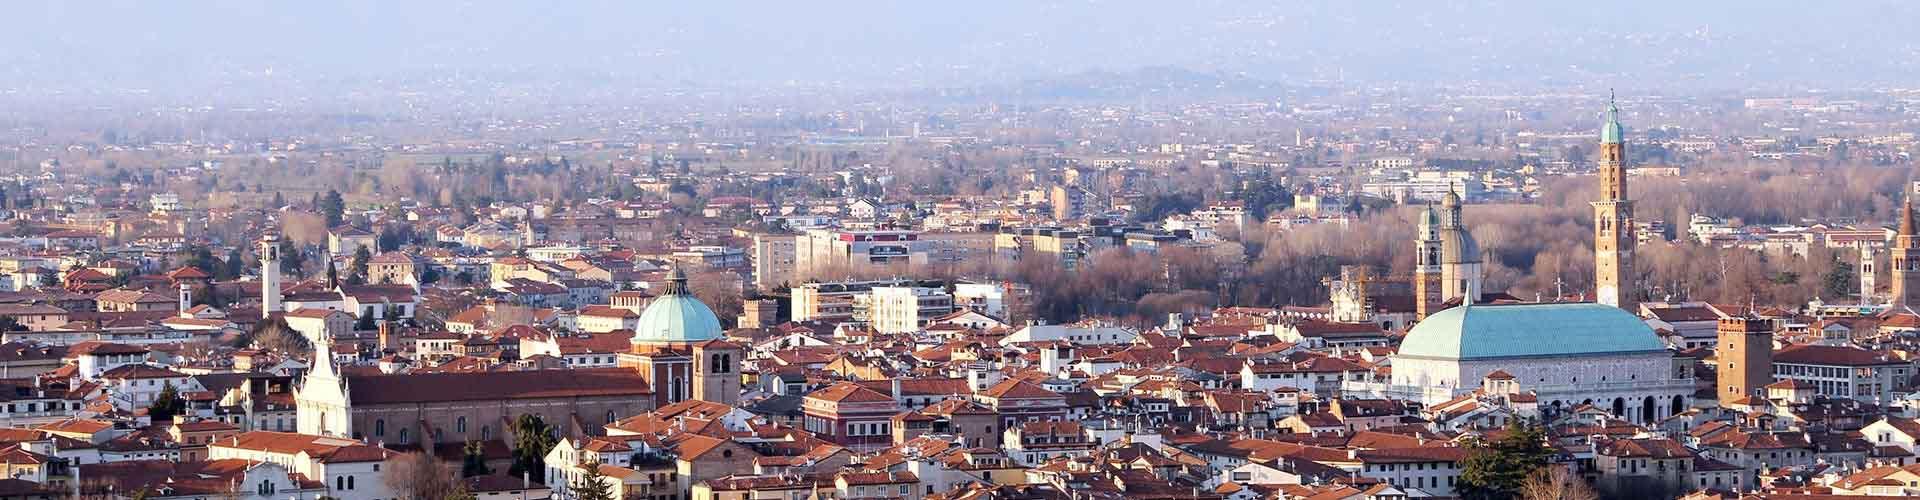 ビチェンツァ – ホステル ビチェンツァ. 地図 ビチェンツァ, すべてのホステルの写真とレビュー ビチェンツァ.